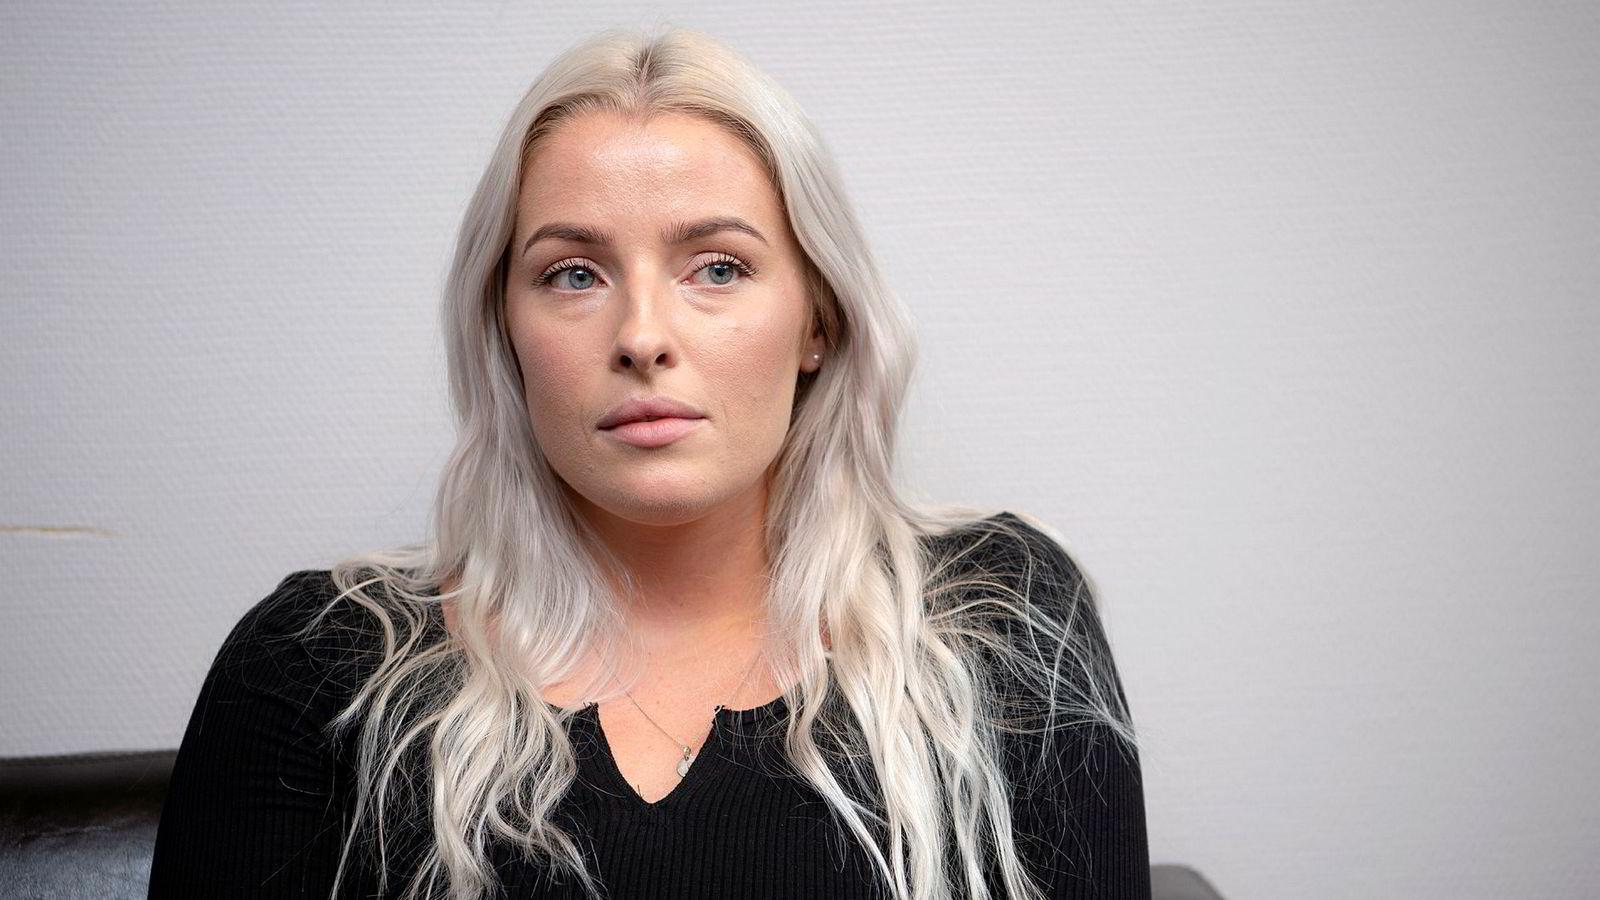 PFU behandler klagesaken mellom Sofie Bakkemyr og VG. Bakkemyr var til stede under behandlingen og ga intervjuer til pressen etterpå.